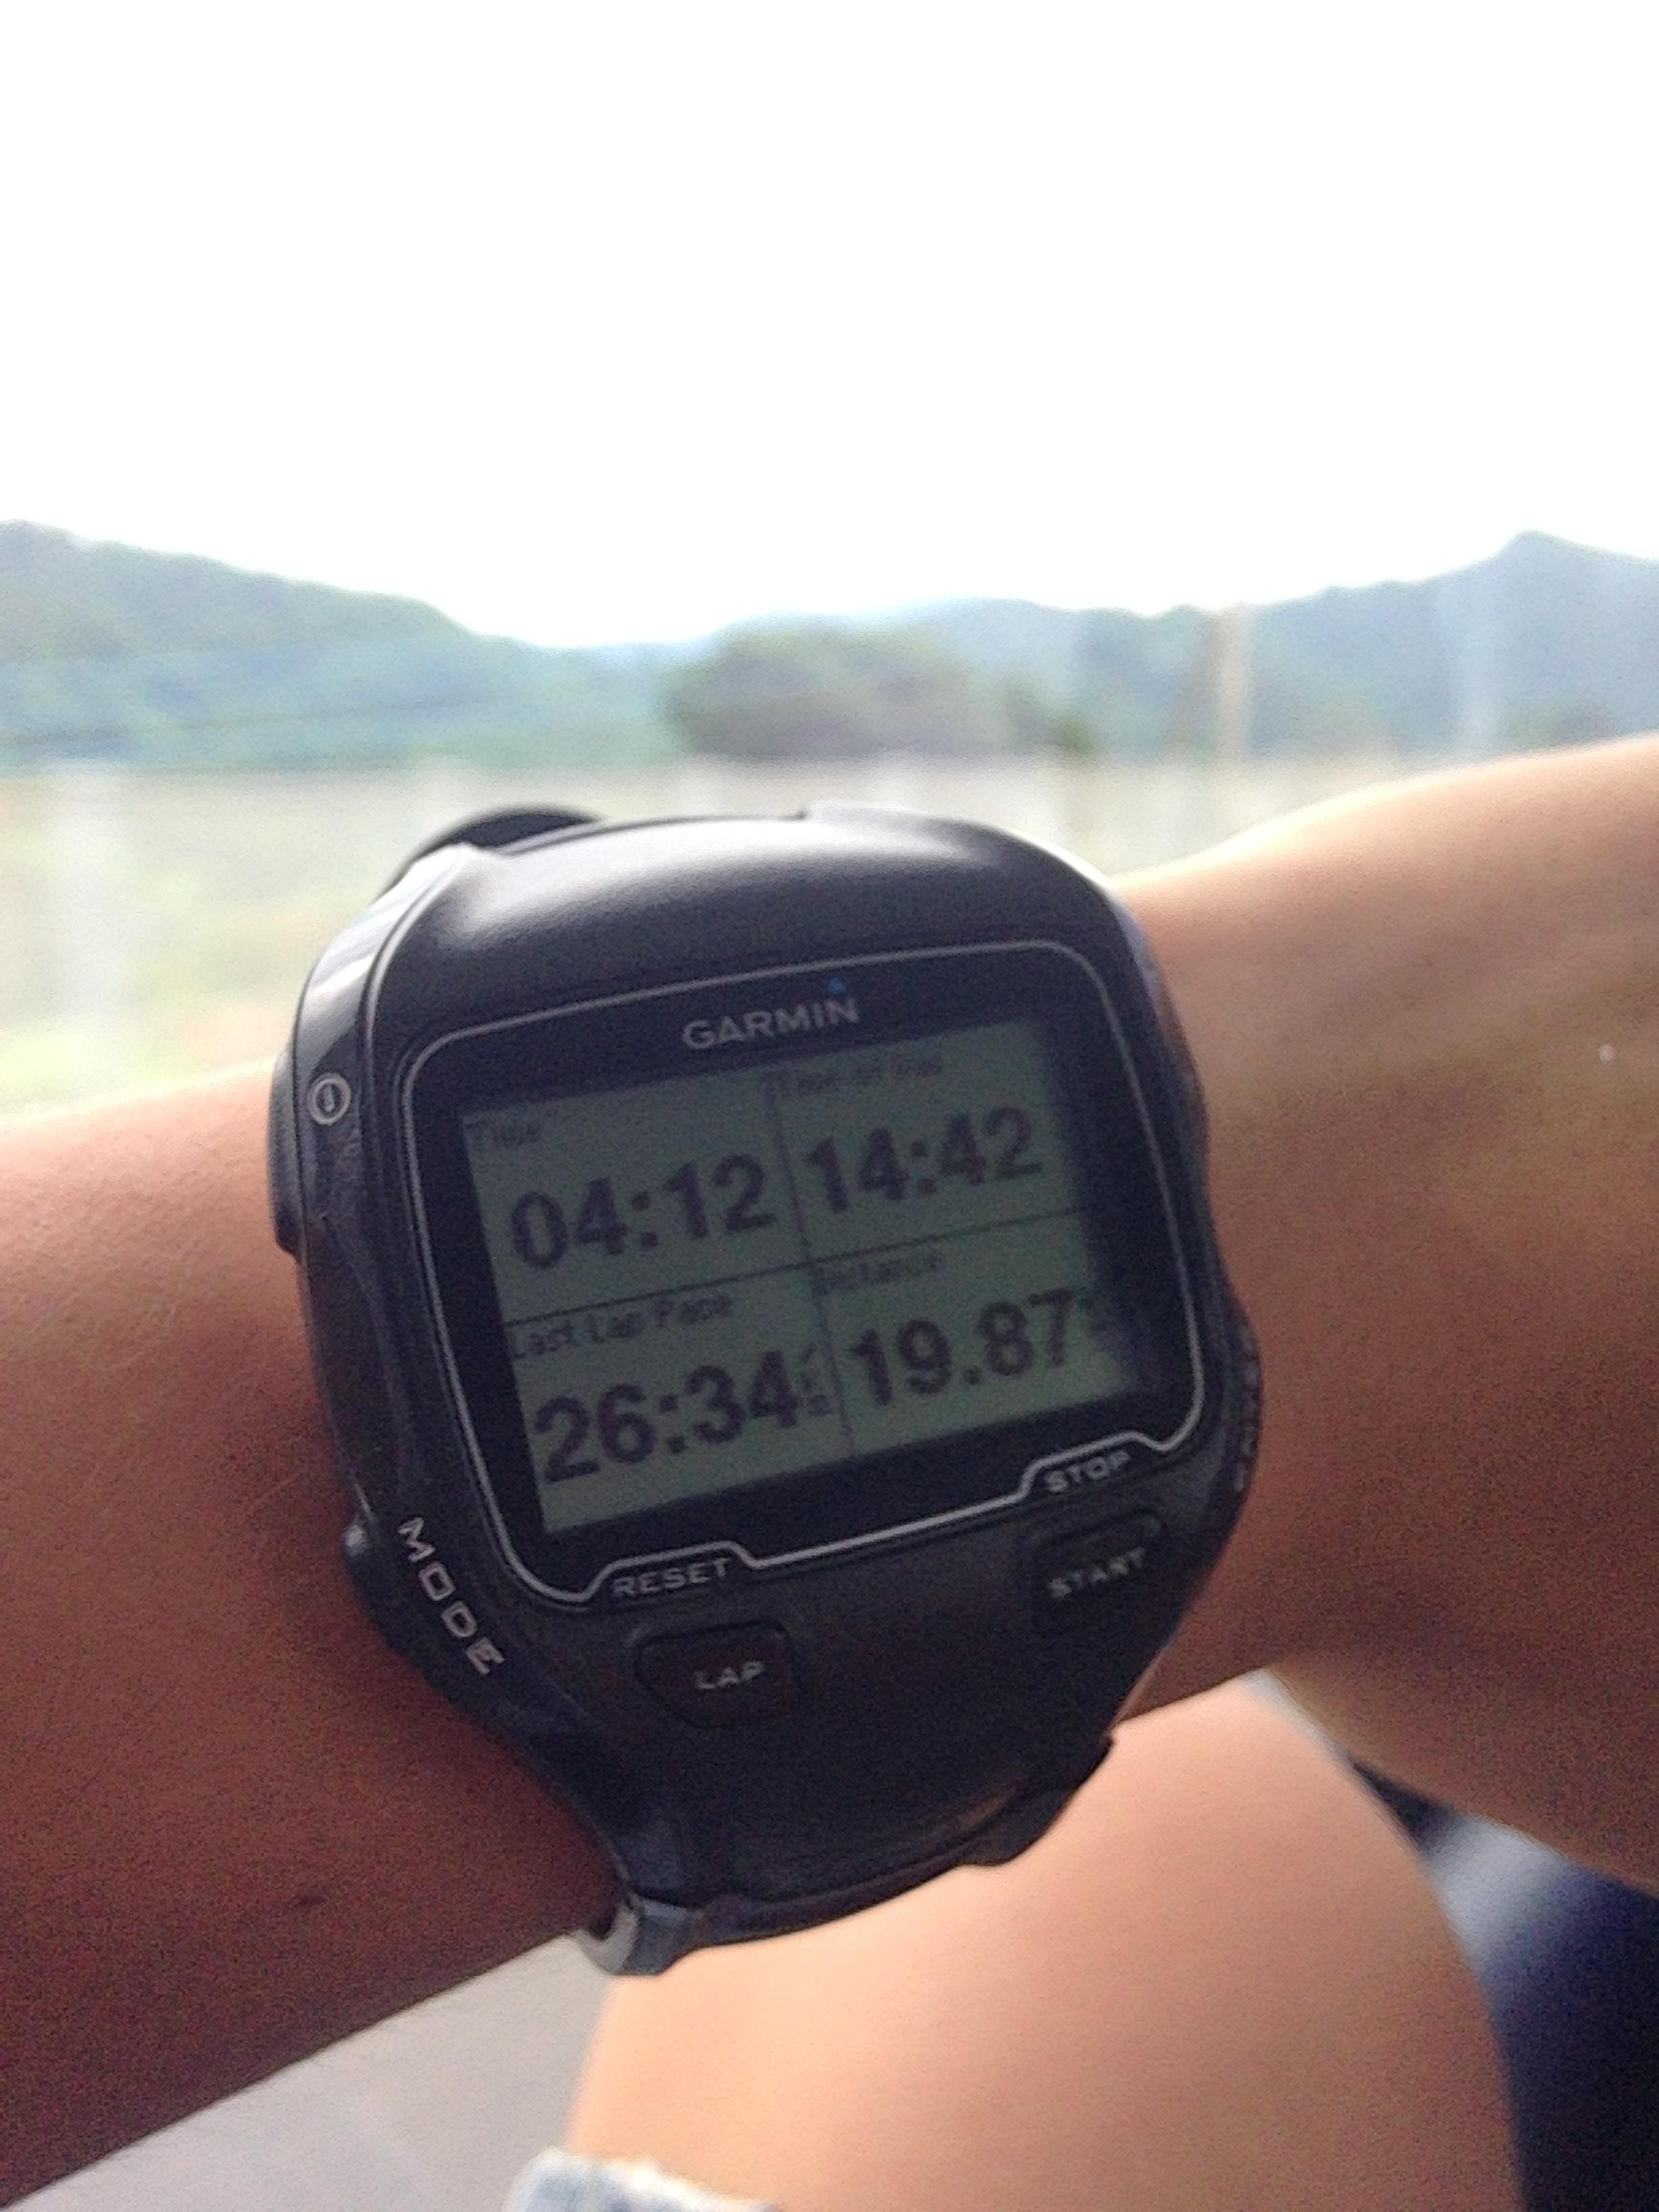 第68回富士登山競走で八合目関門に間に合わなかった僕がレースを振り返ります~五合目から八合目まで~